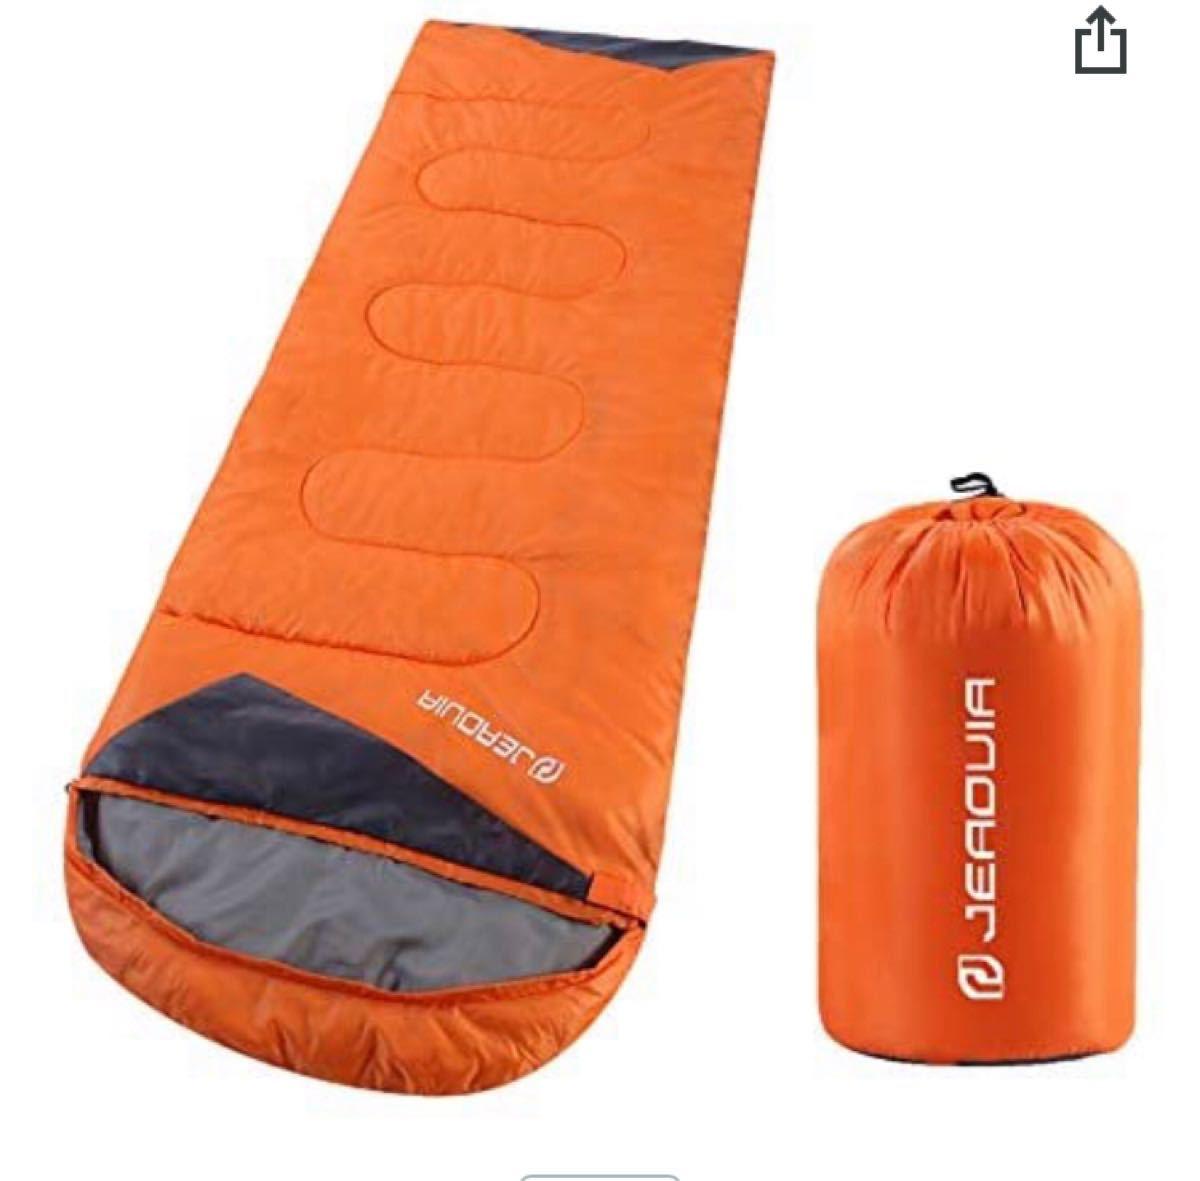 封筒型寝袋 軽量 保温 防水 簡単収納 登山 車中泊キャンプ 避難 1.35kg